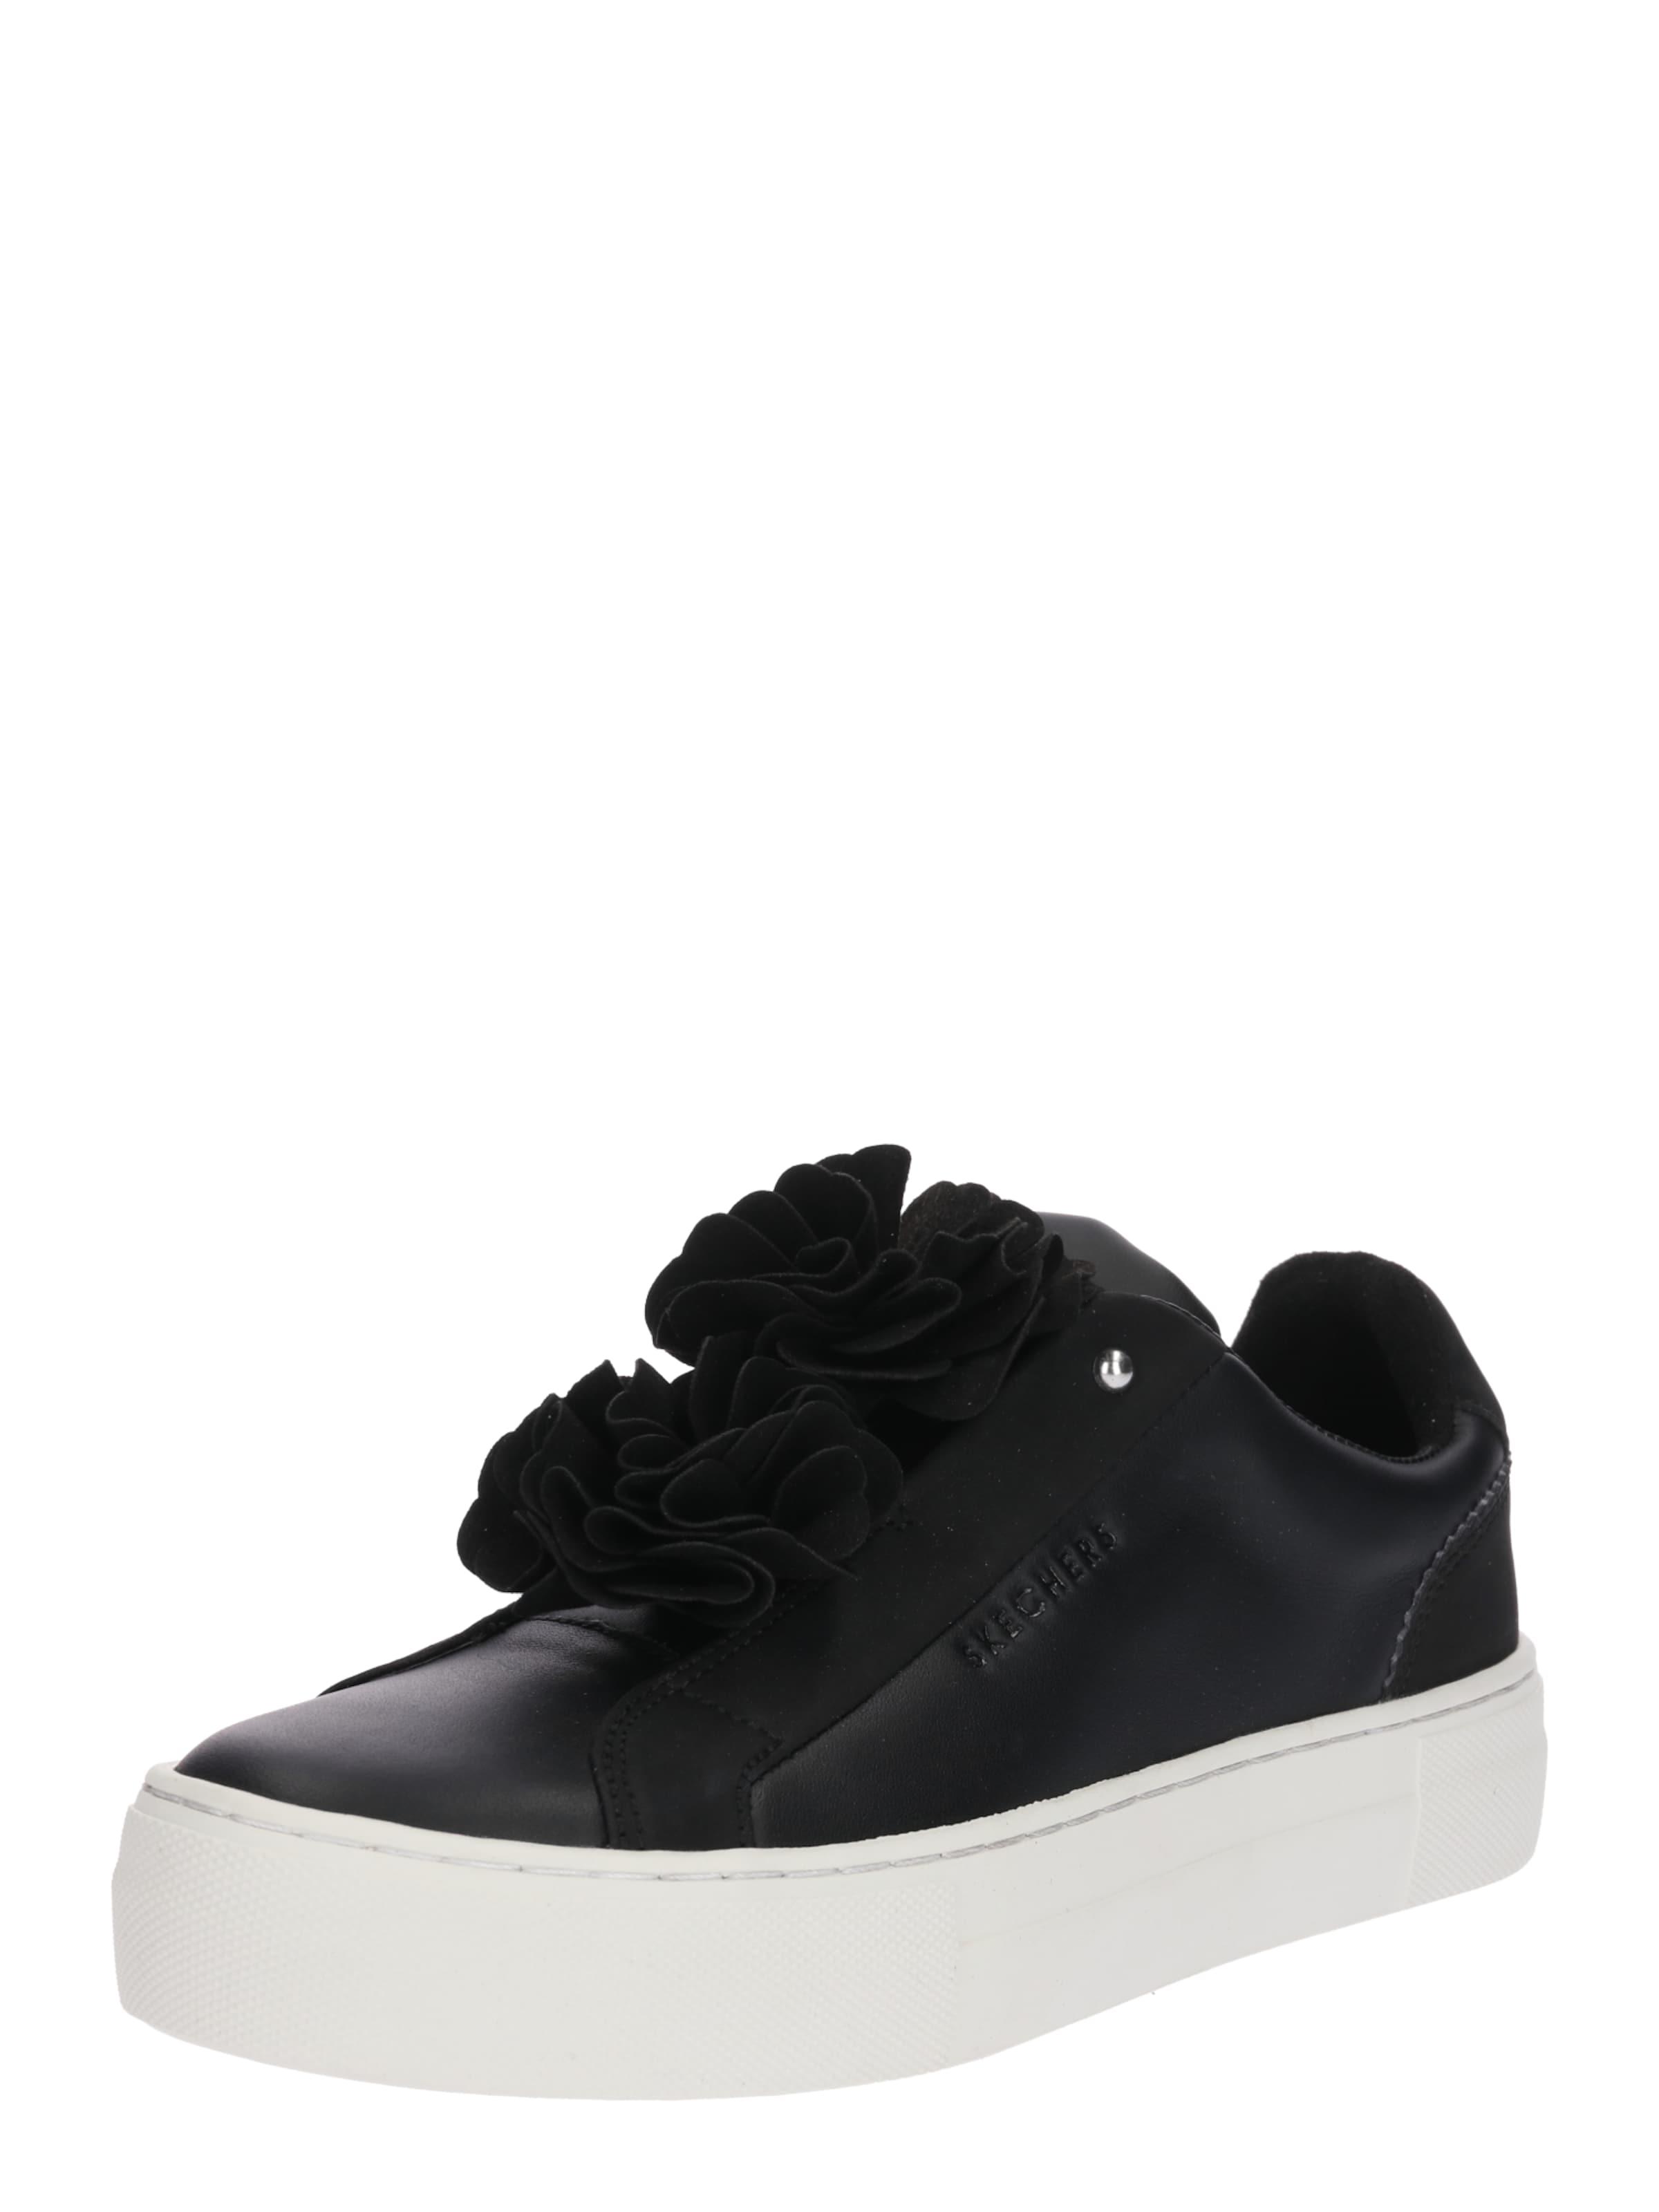 SKECHERS Sneaker ALBA BLOOMN Verschleißfeste billige Schuhe